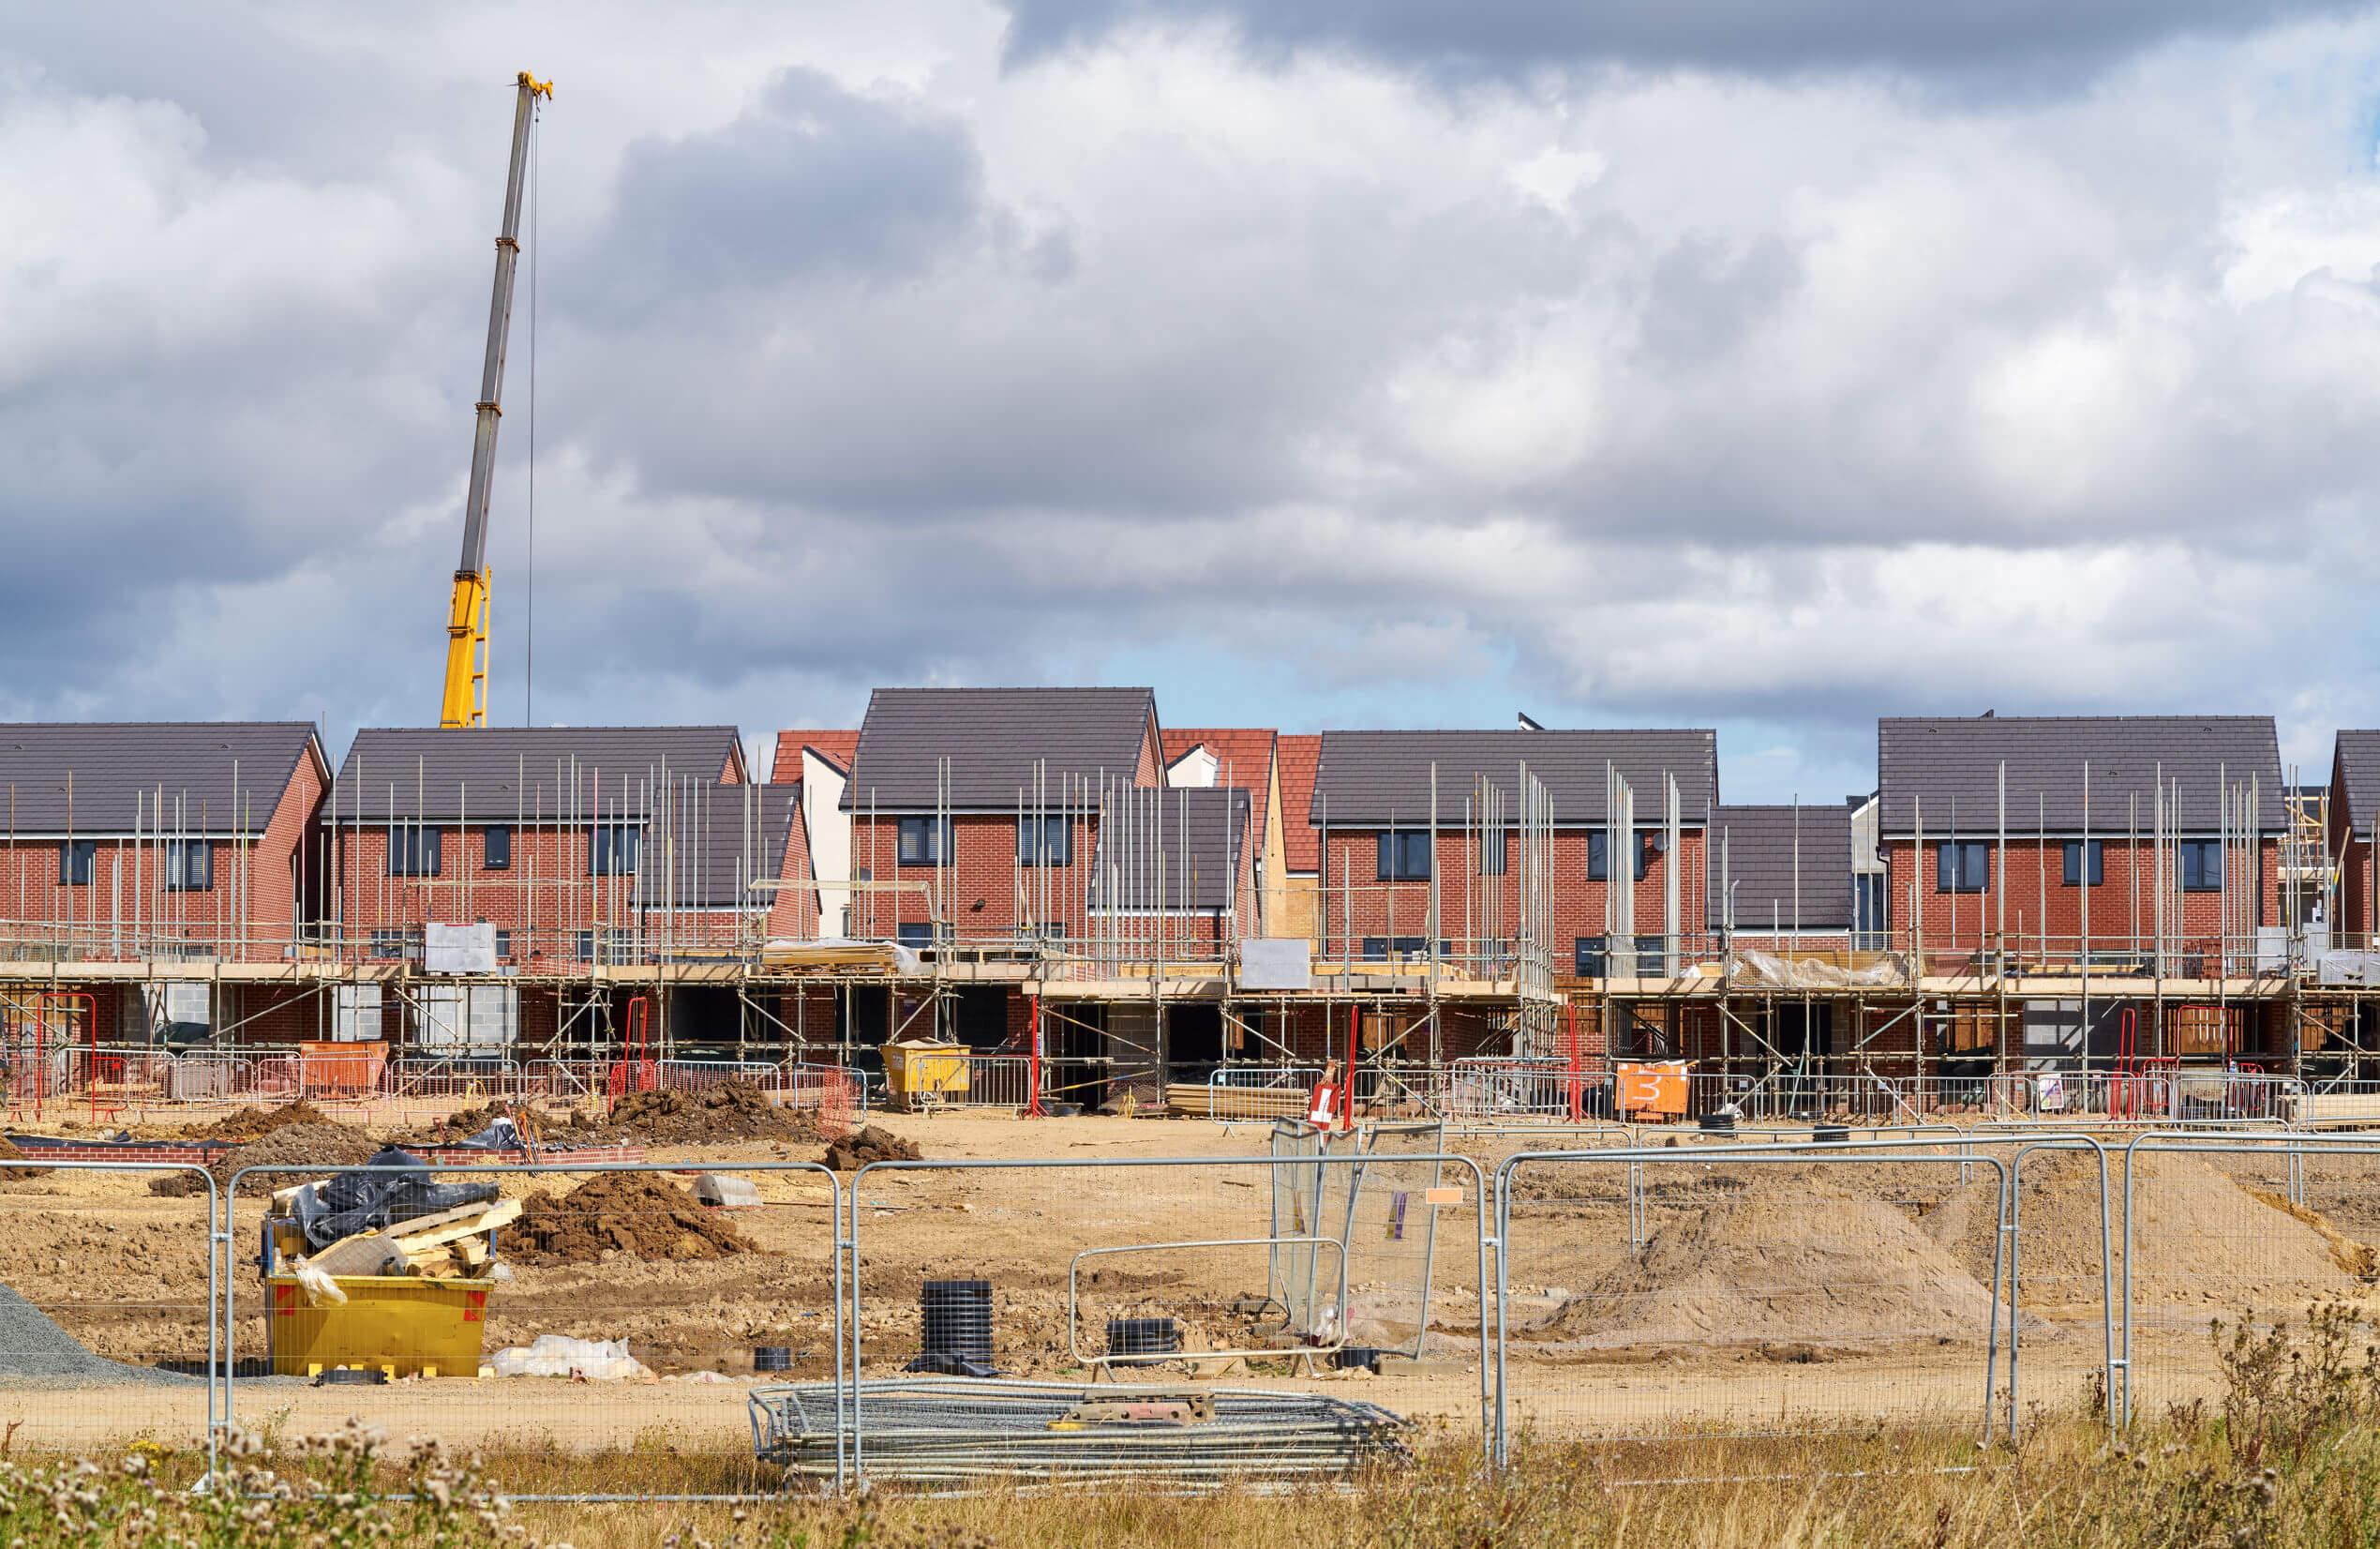 Biztos befektetési lehetőséget keres? Vegyen új építésű lakást!